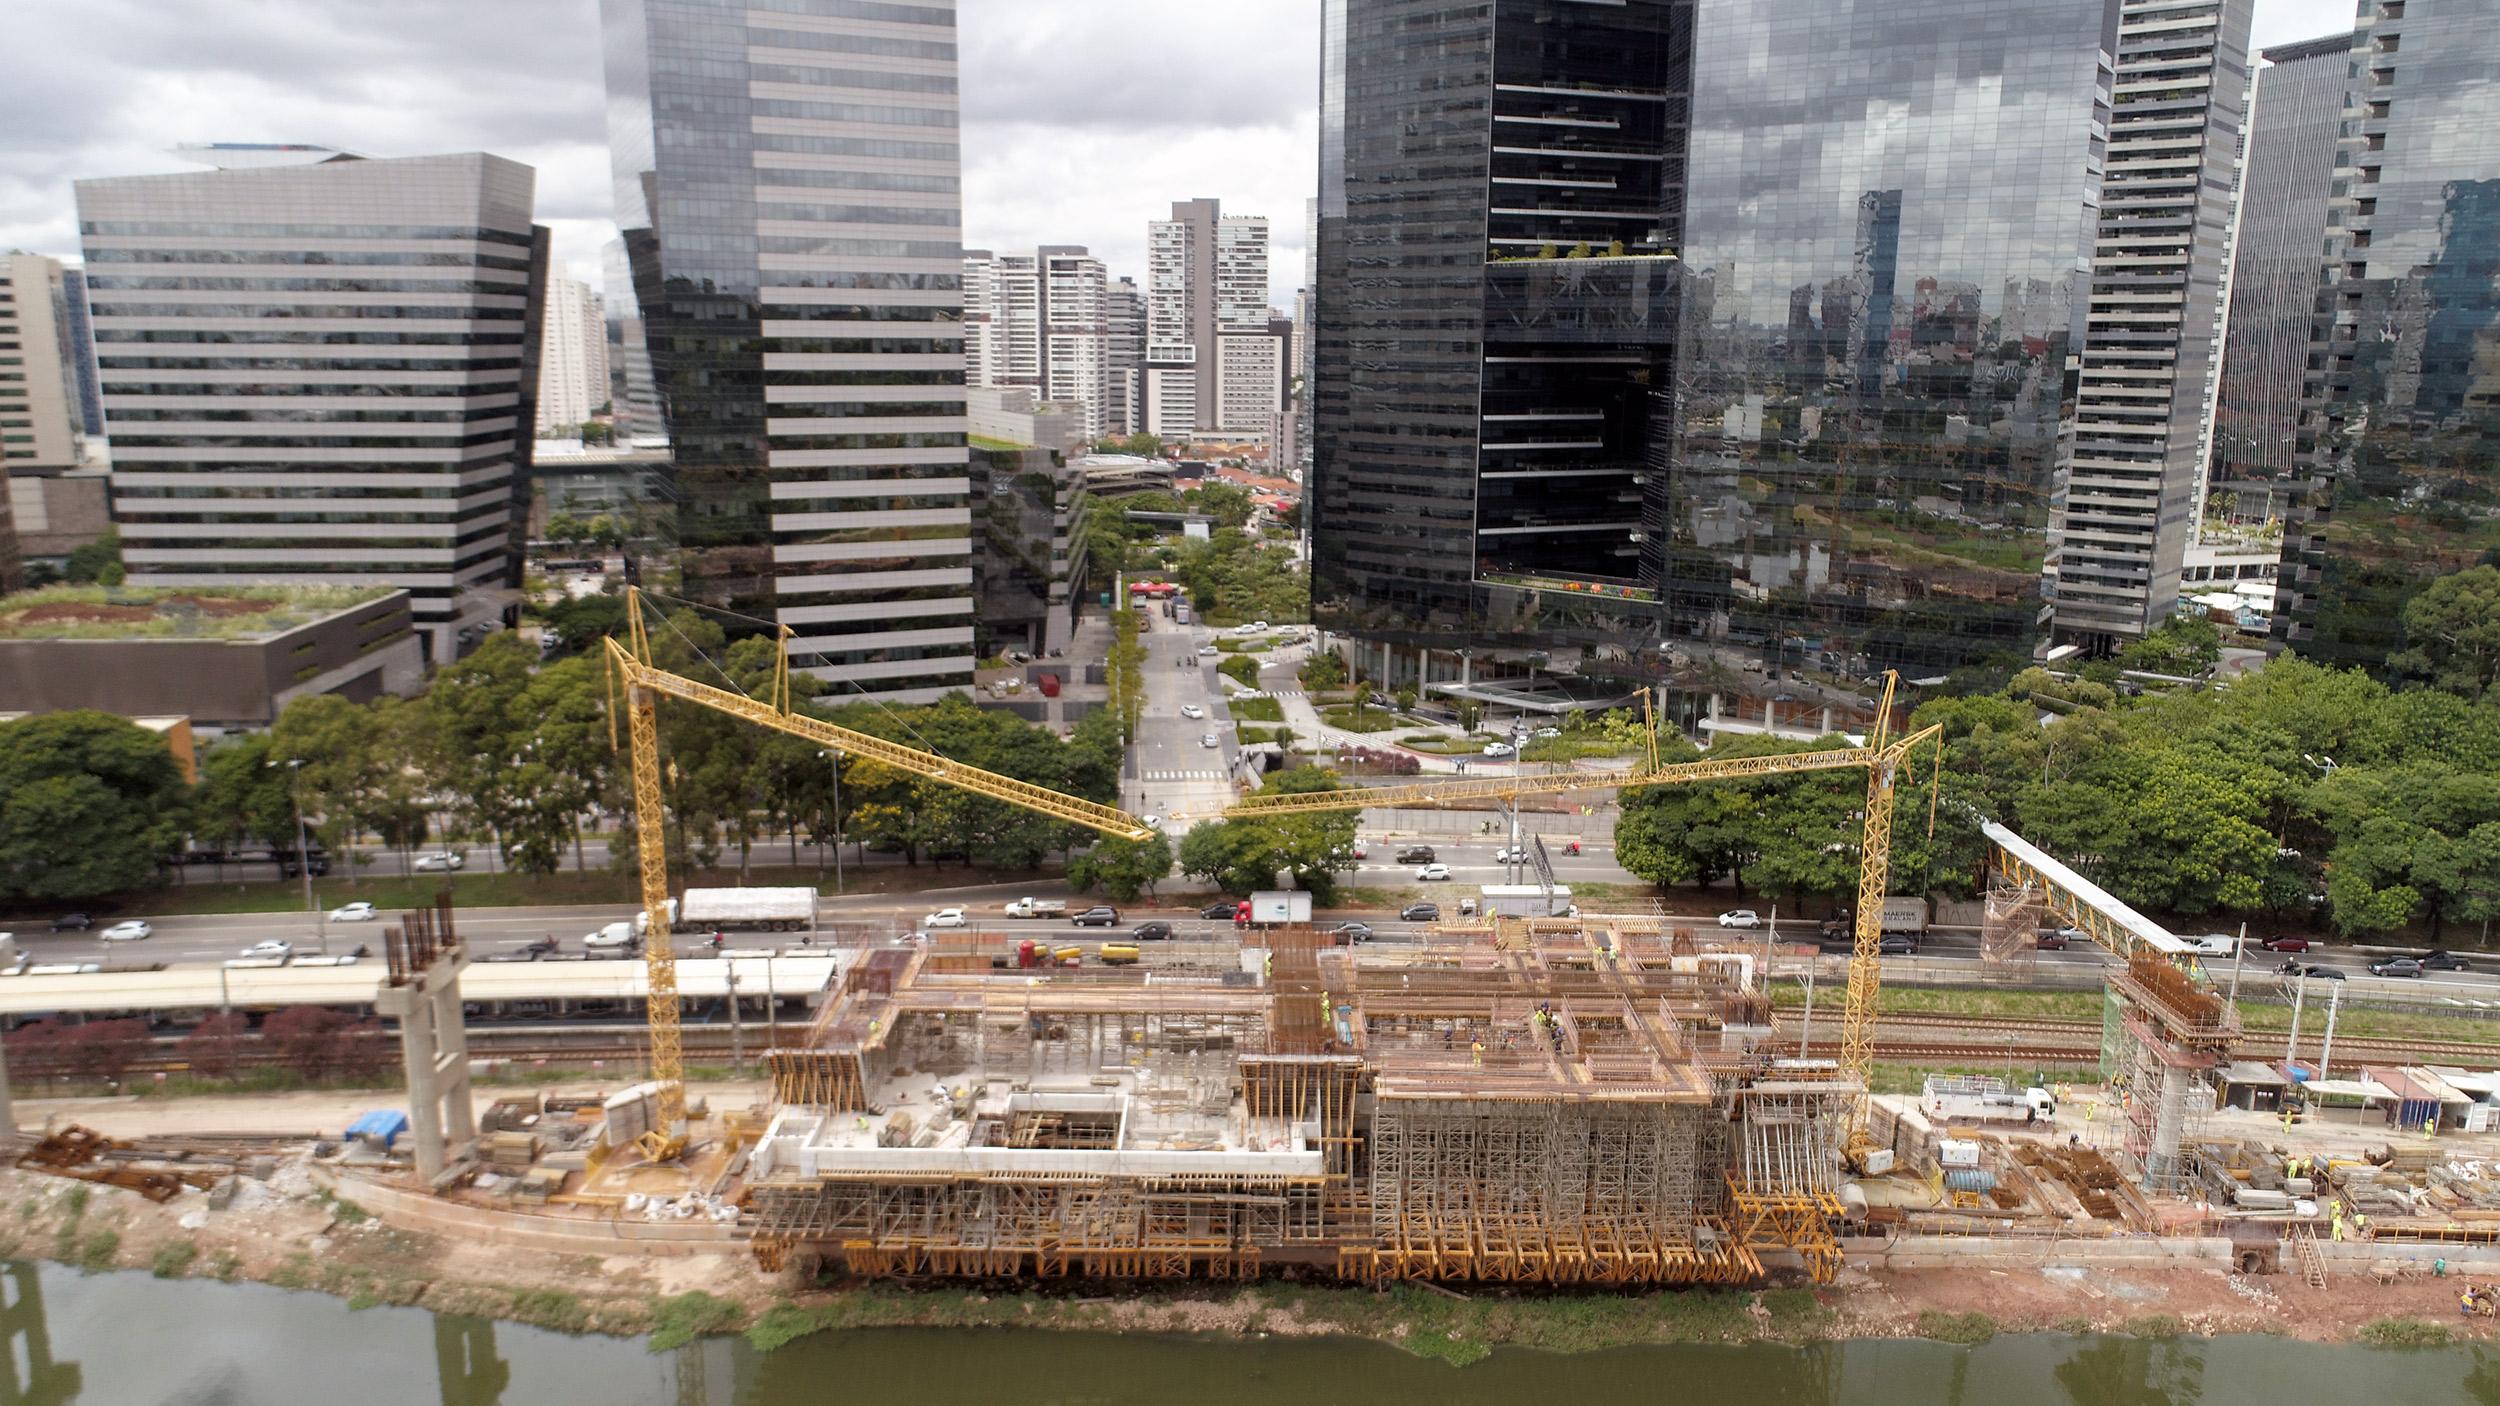 Uma importante obra de mobilidade urbana está sendo realizada no Morumbi, zona sul da cidade de São Paulo, que ligará o Aeroporto de Congonhas com o bairro do Morumbi.